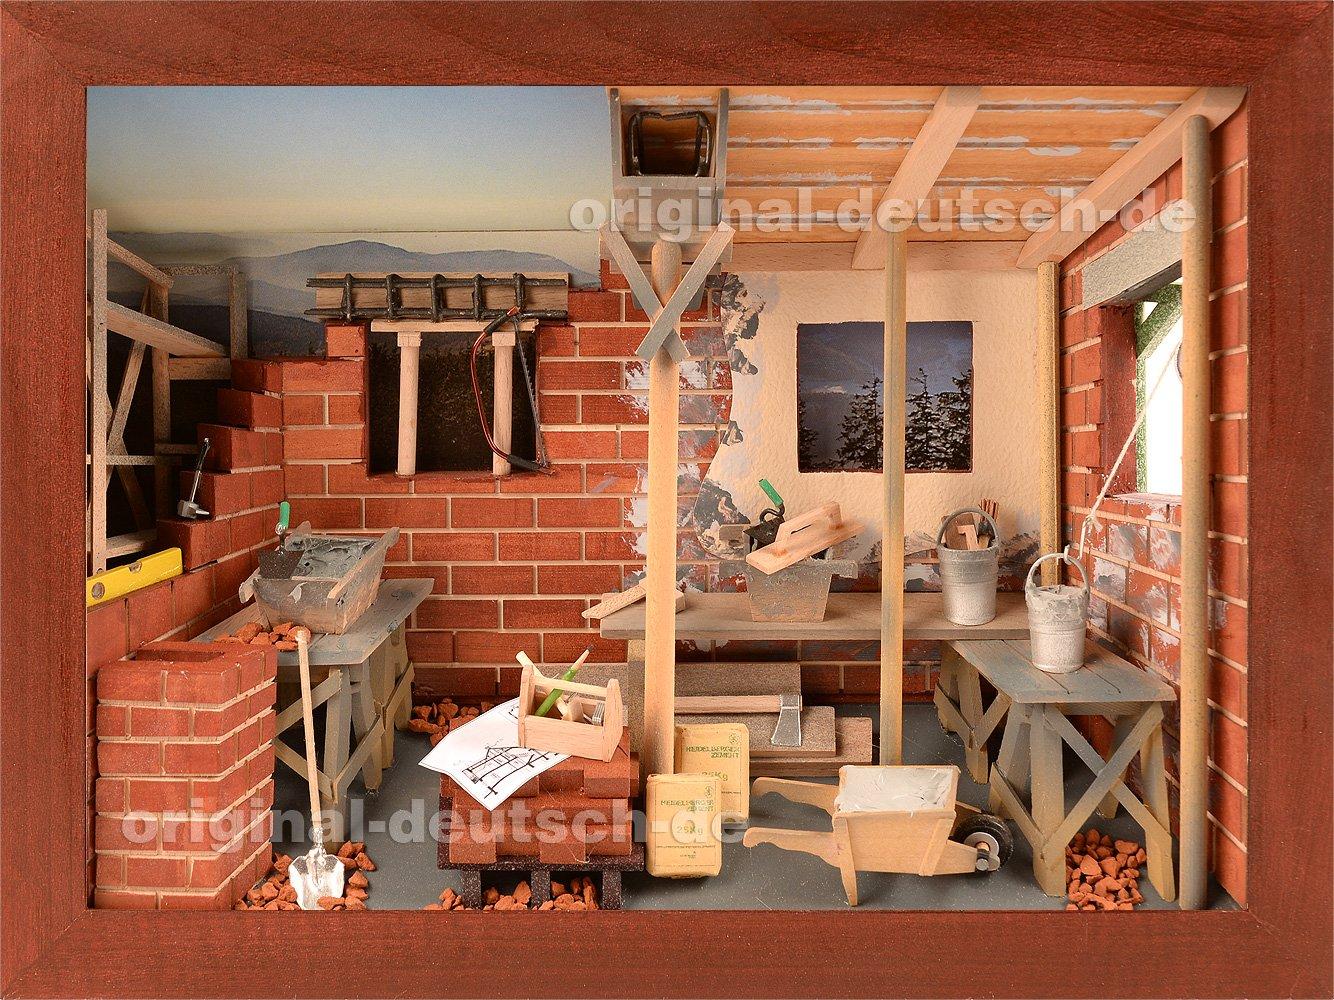 3D Holzbild Maurer, lasiert - Geschenk für Maurer   Bauleiter   Hausbauer   Bauhandwerker